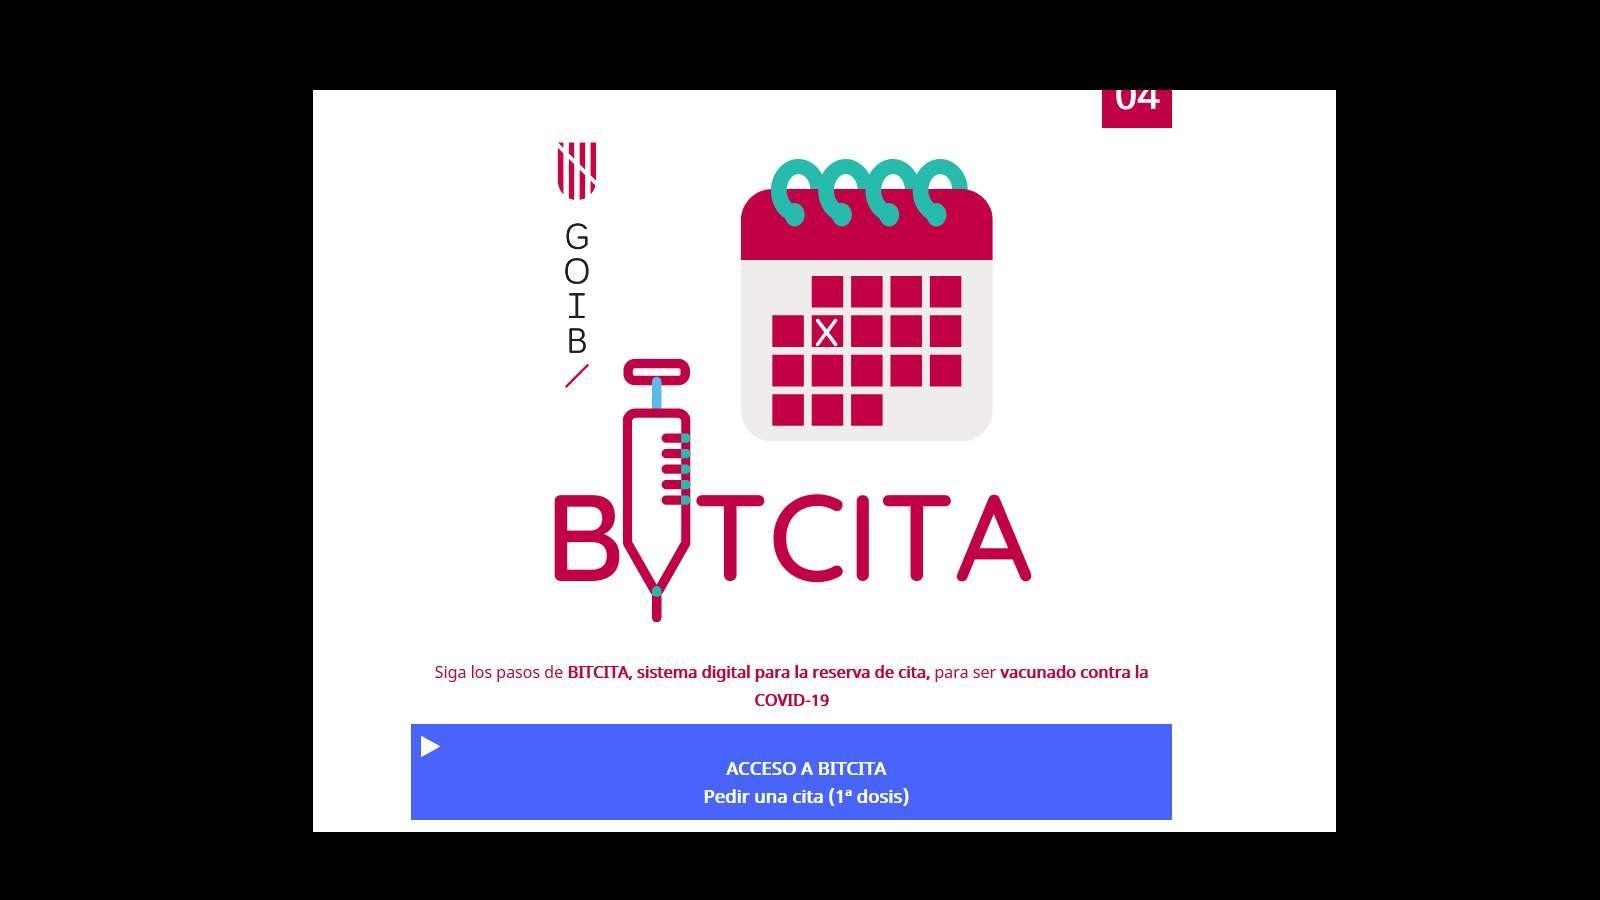 Auf Acceso a Bitcita klicken.